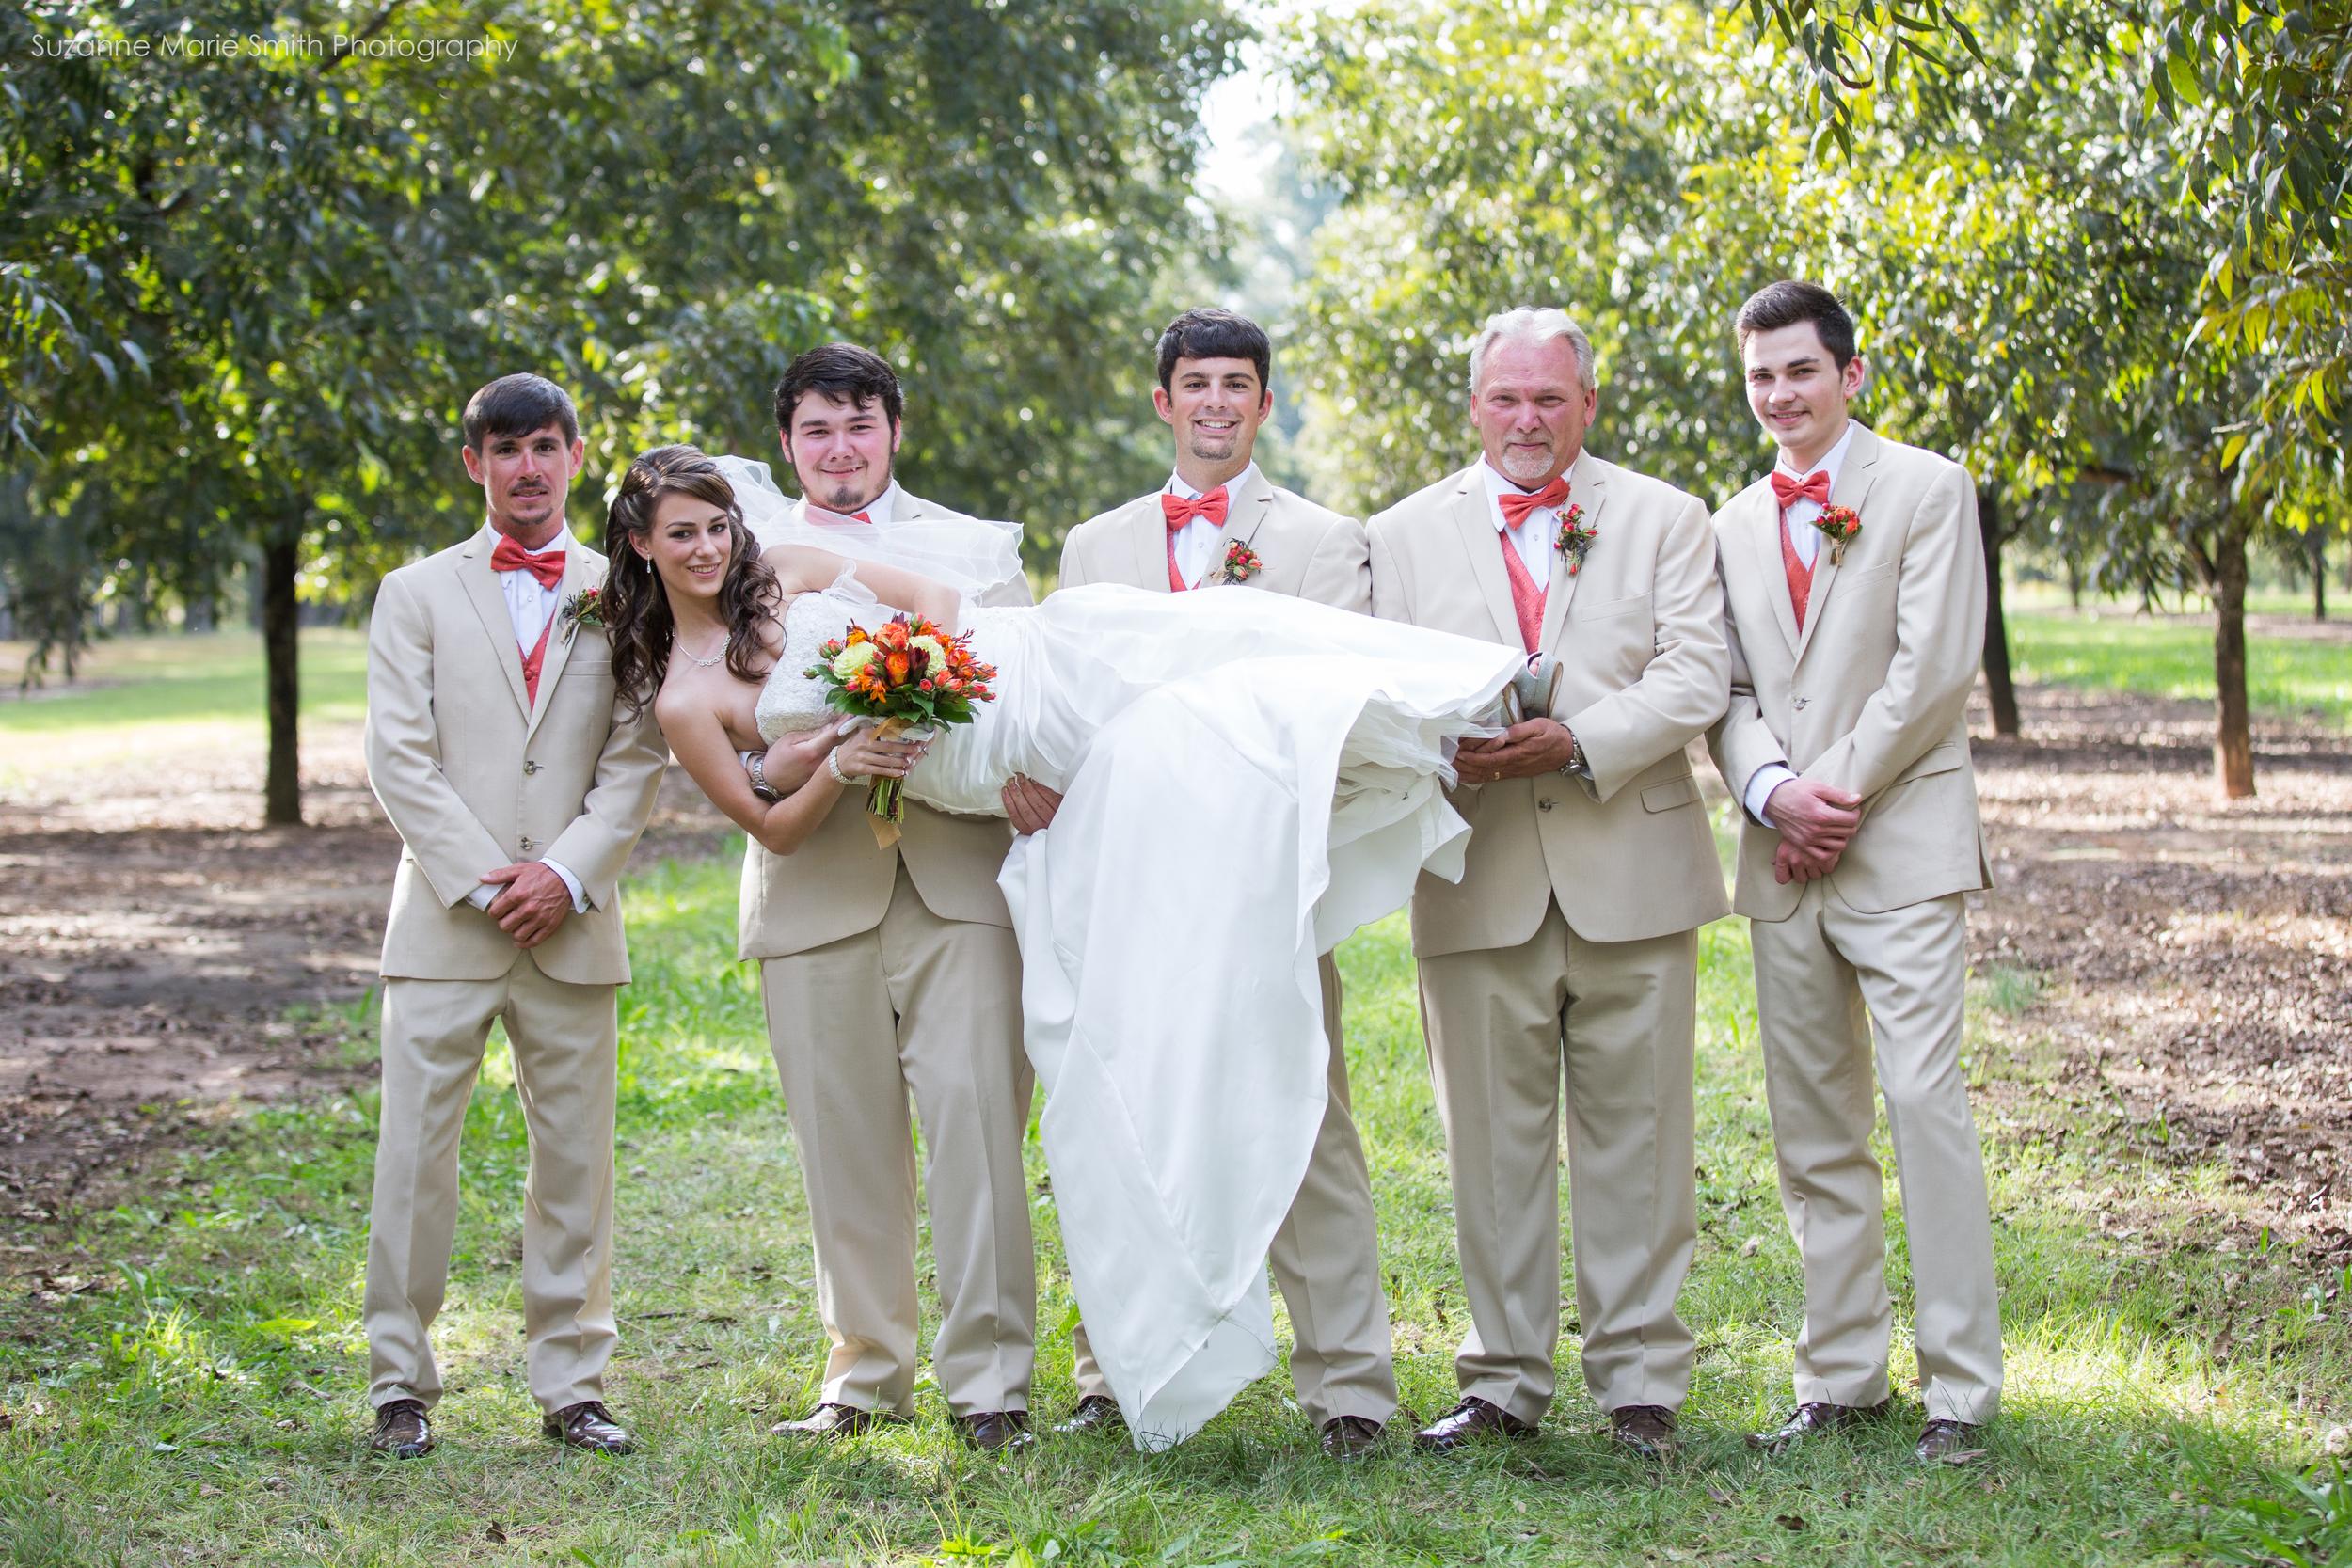 Rachel and the groomsmen